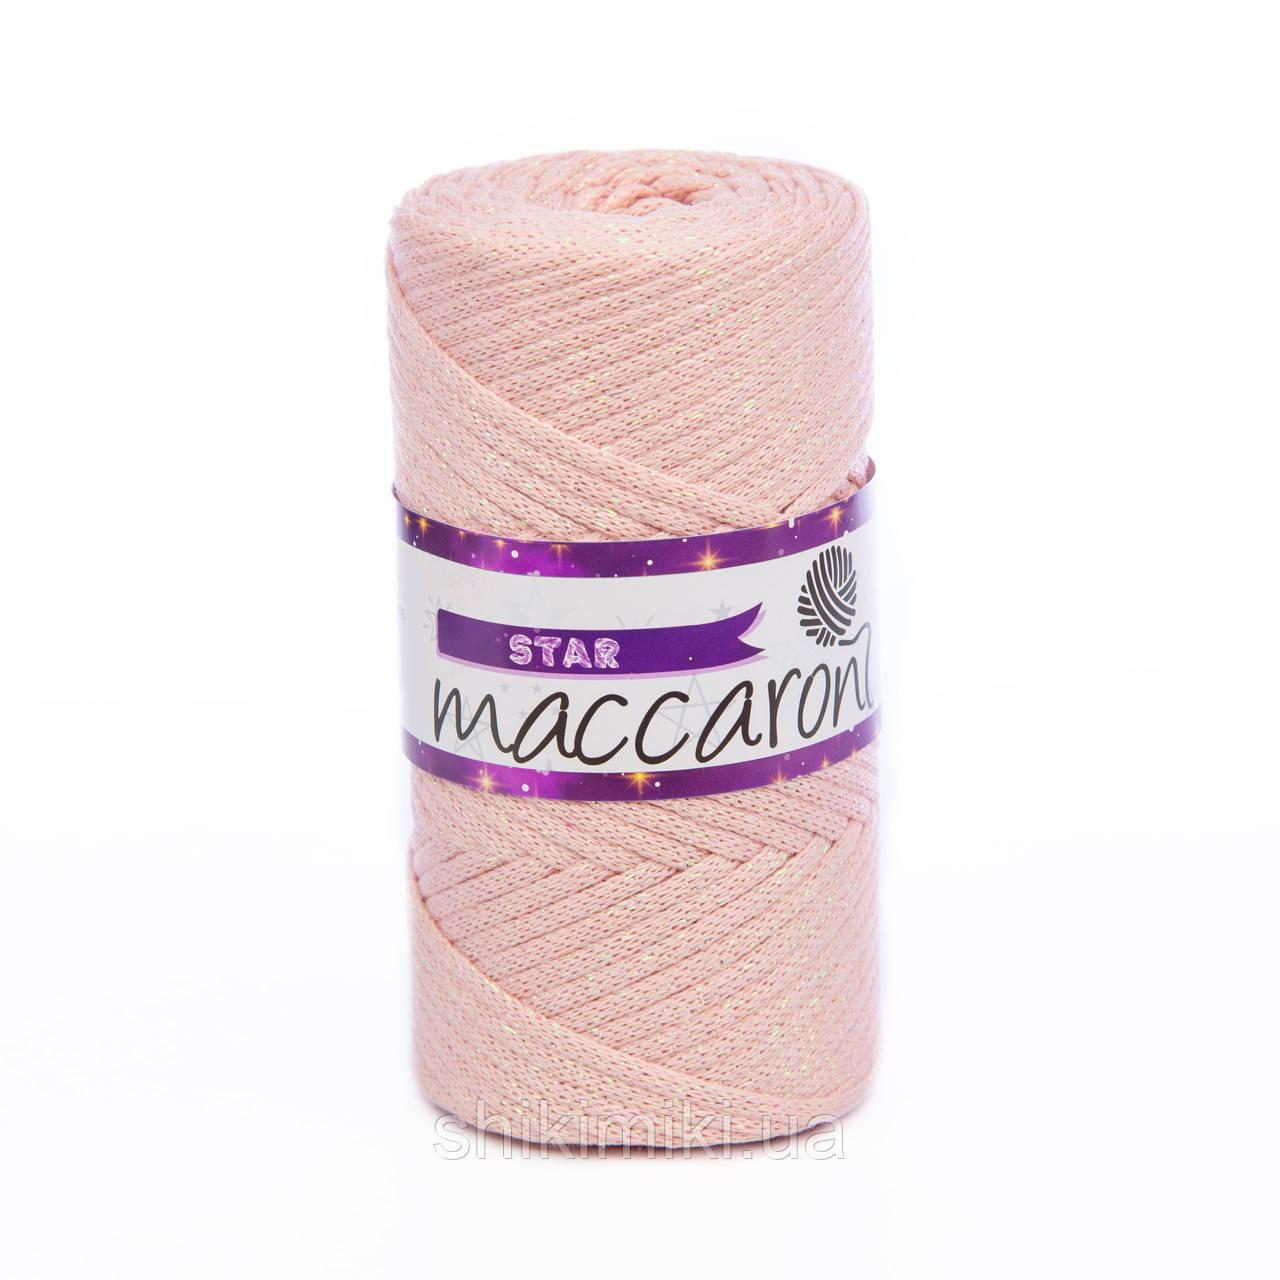 Трикотажный шнур с люрексом Star, цвет Жемчужная пудра